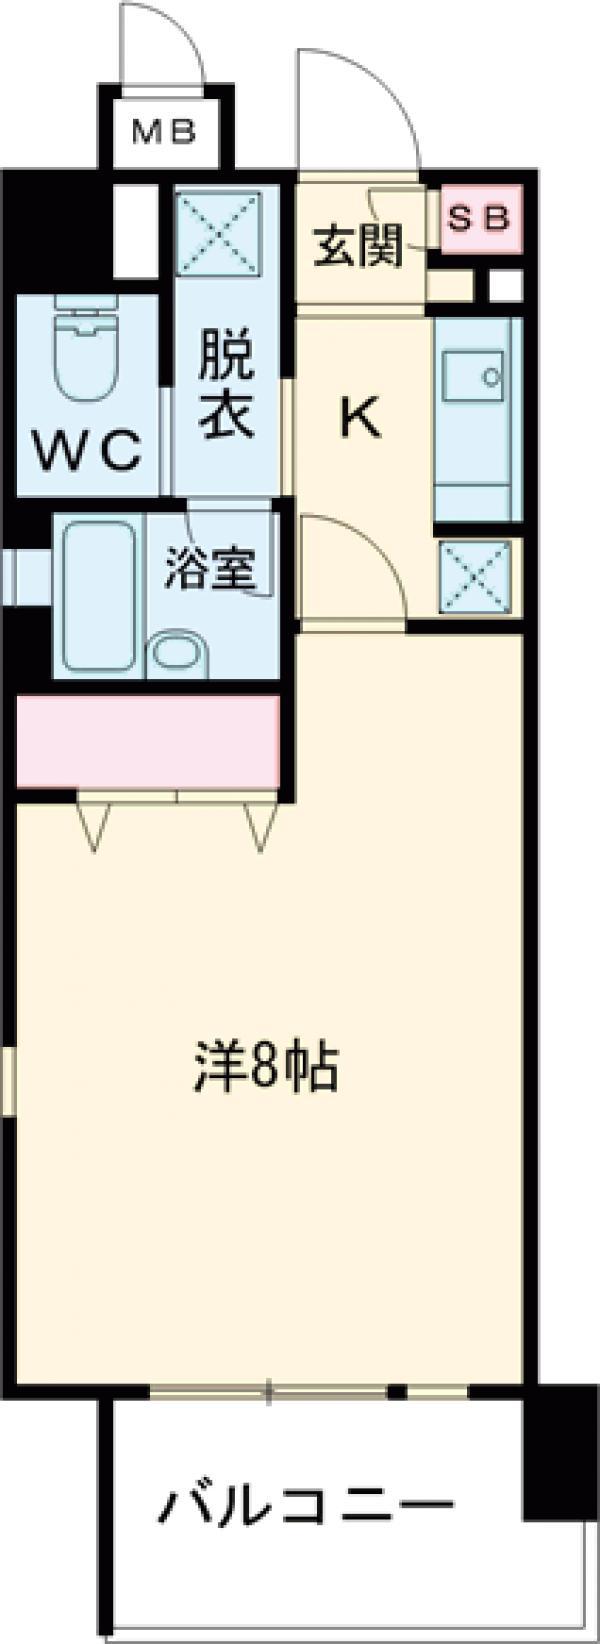 アボリアスコート笹塚イースト・216号室の間取り